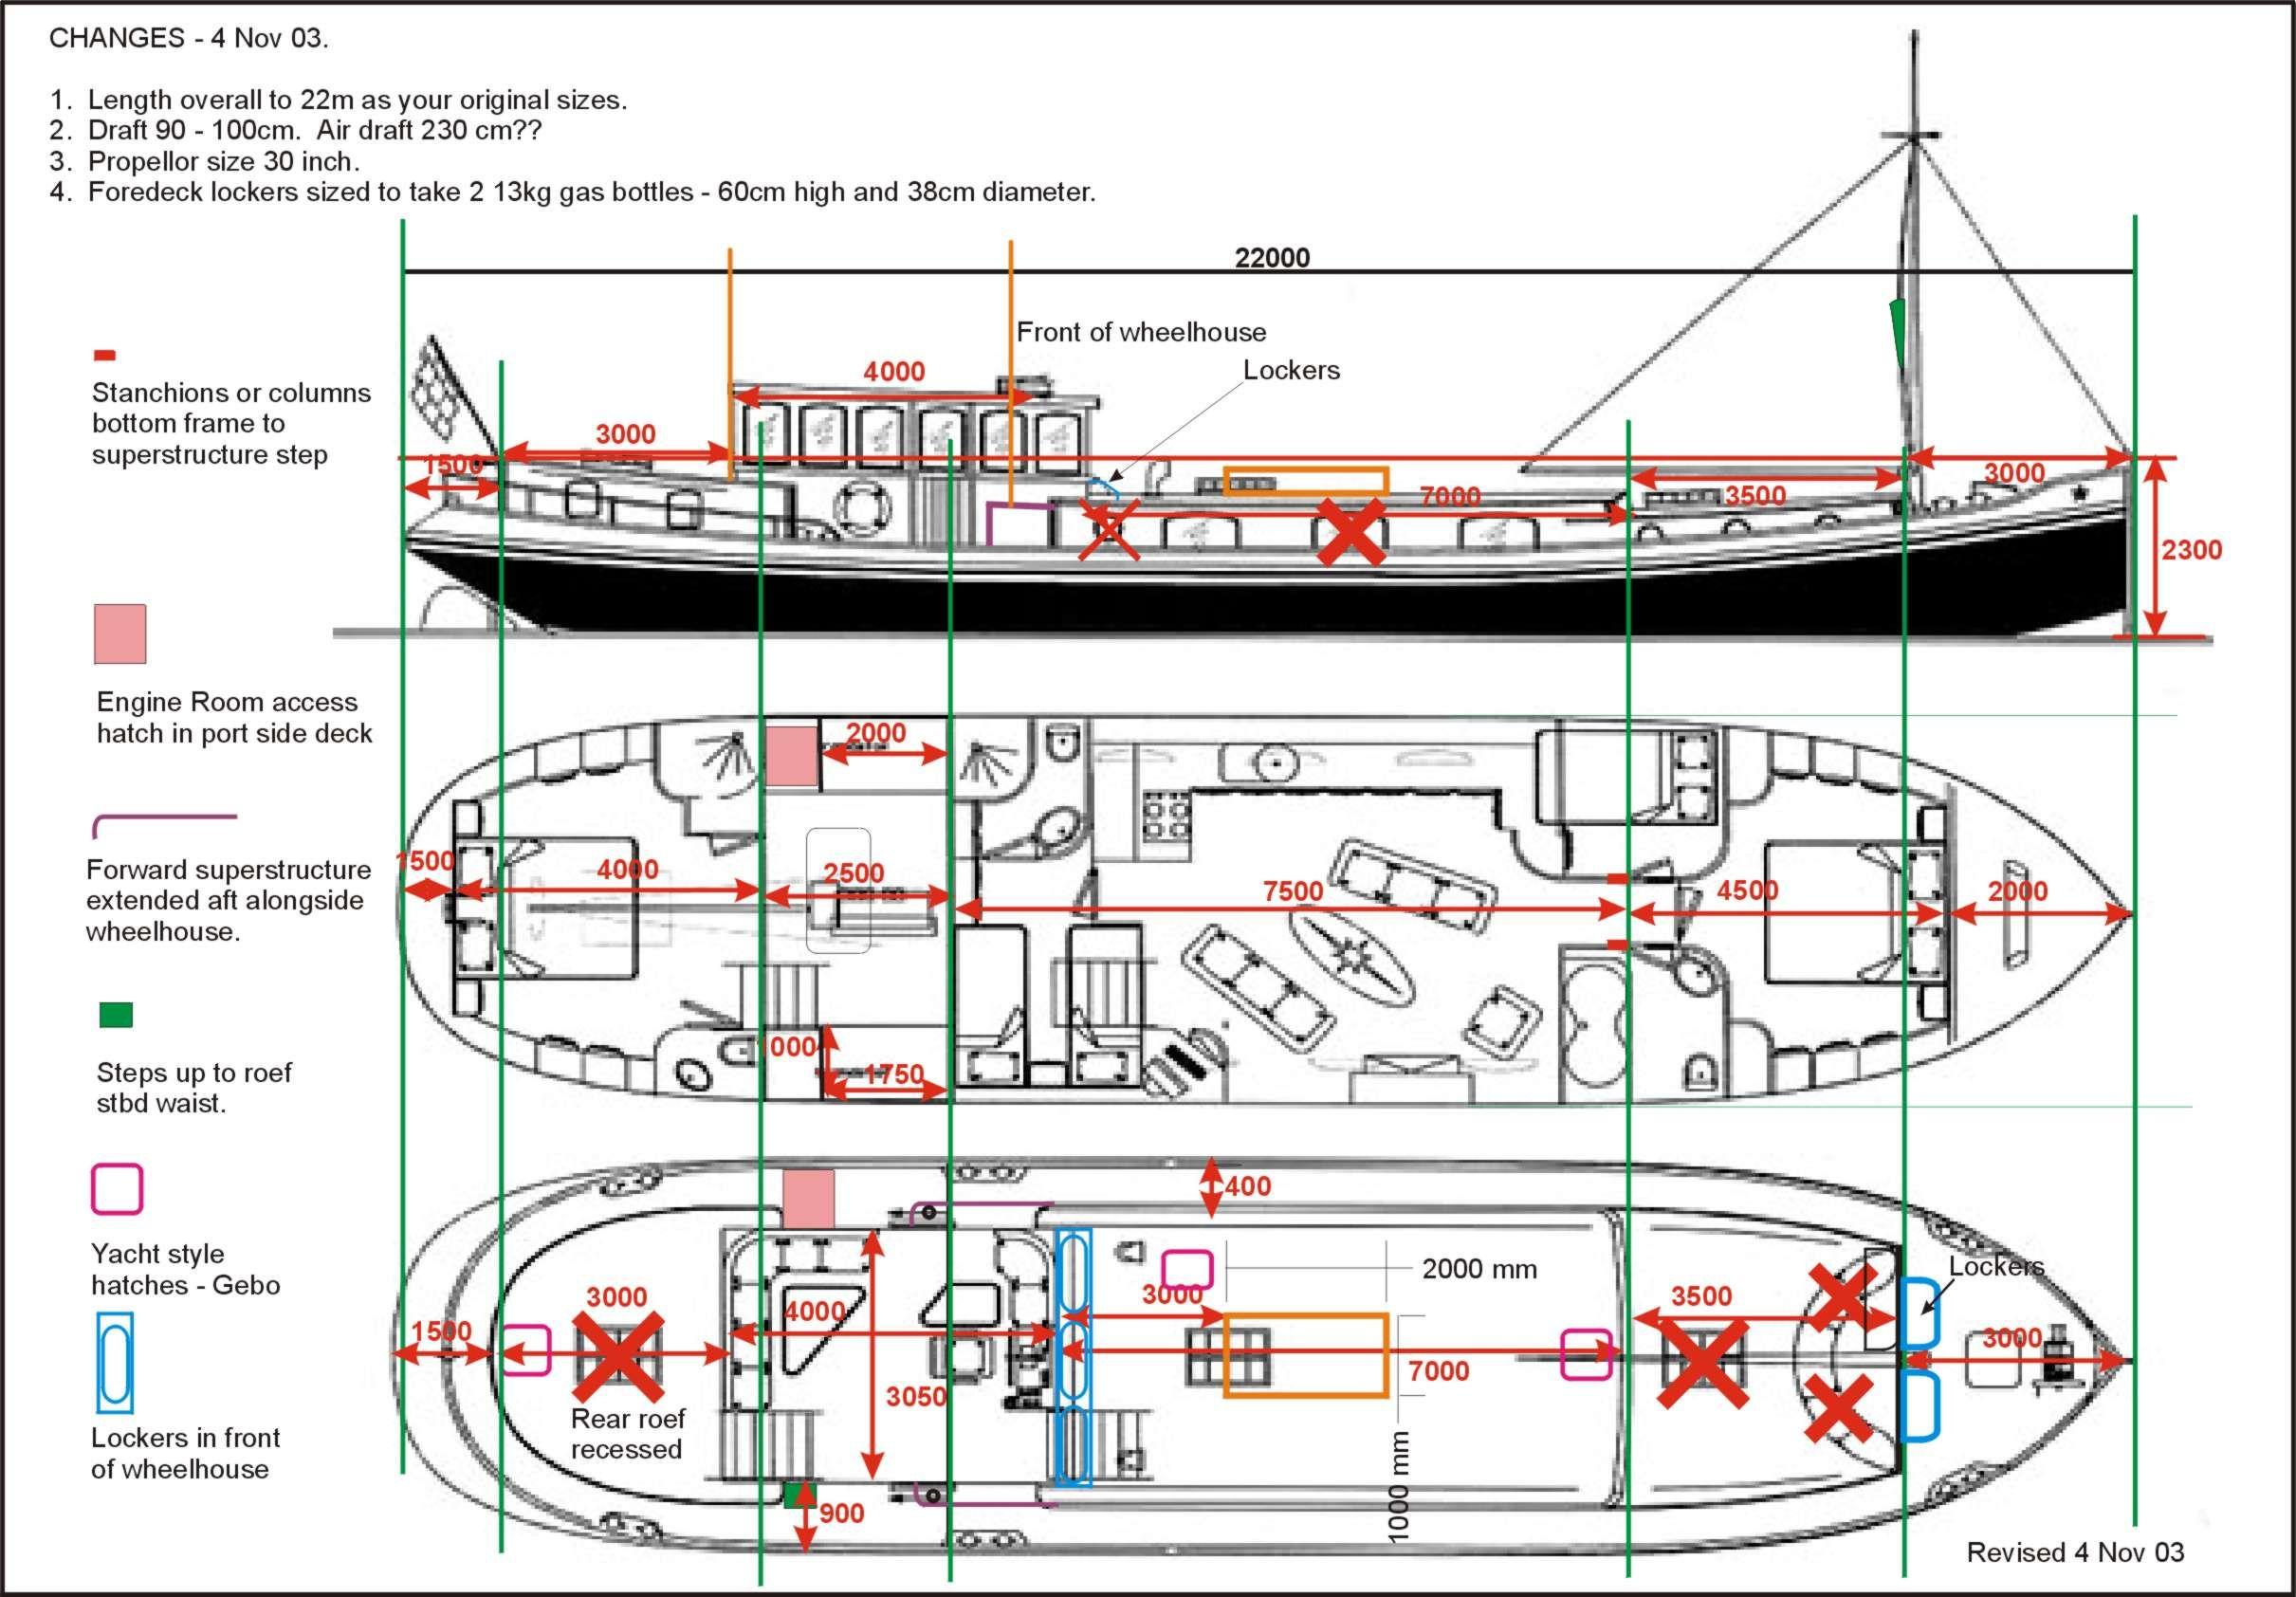 medium resolution of diagram of kei design